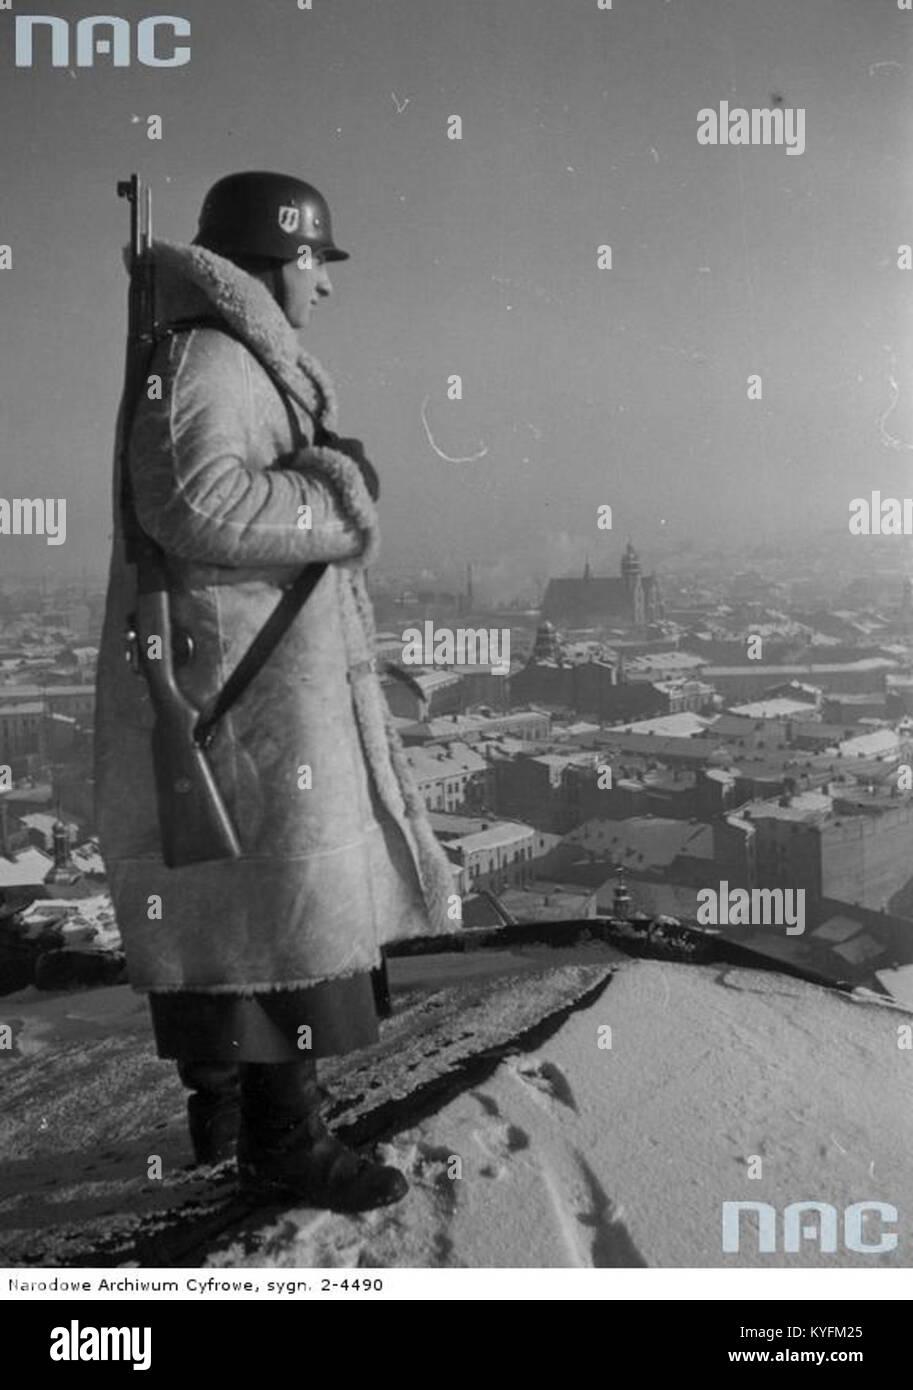 Wartownik z 10 pułku ss totenkopf na dachu zamku królewskiego w krakowie stock image